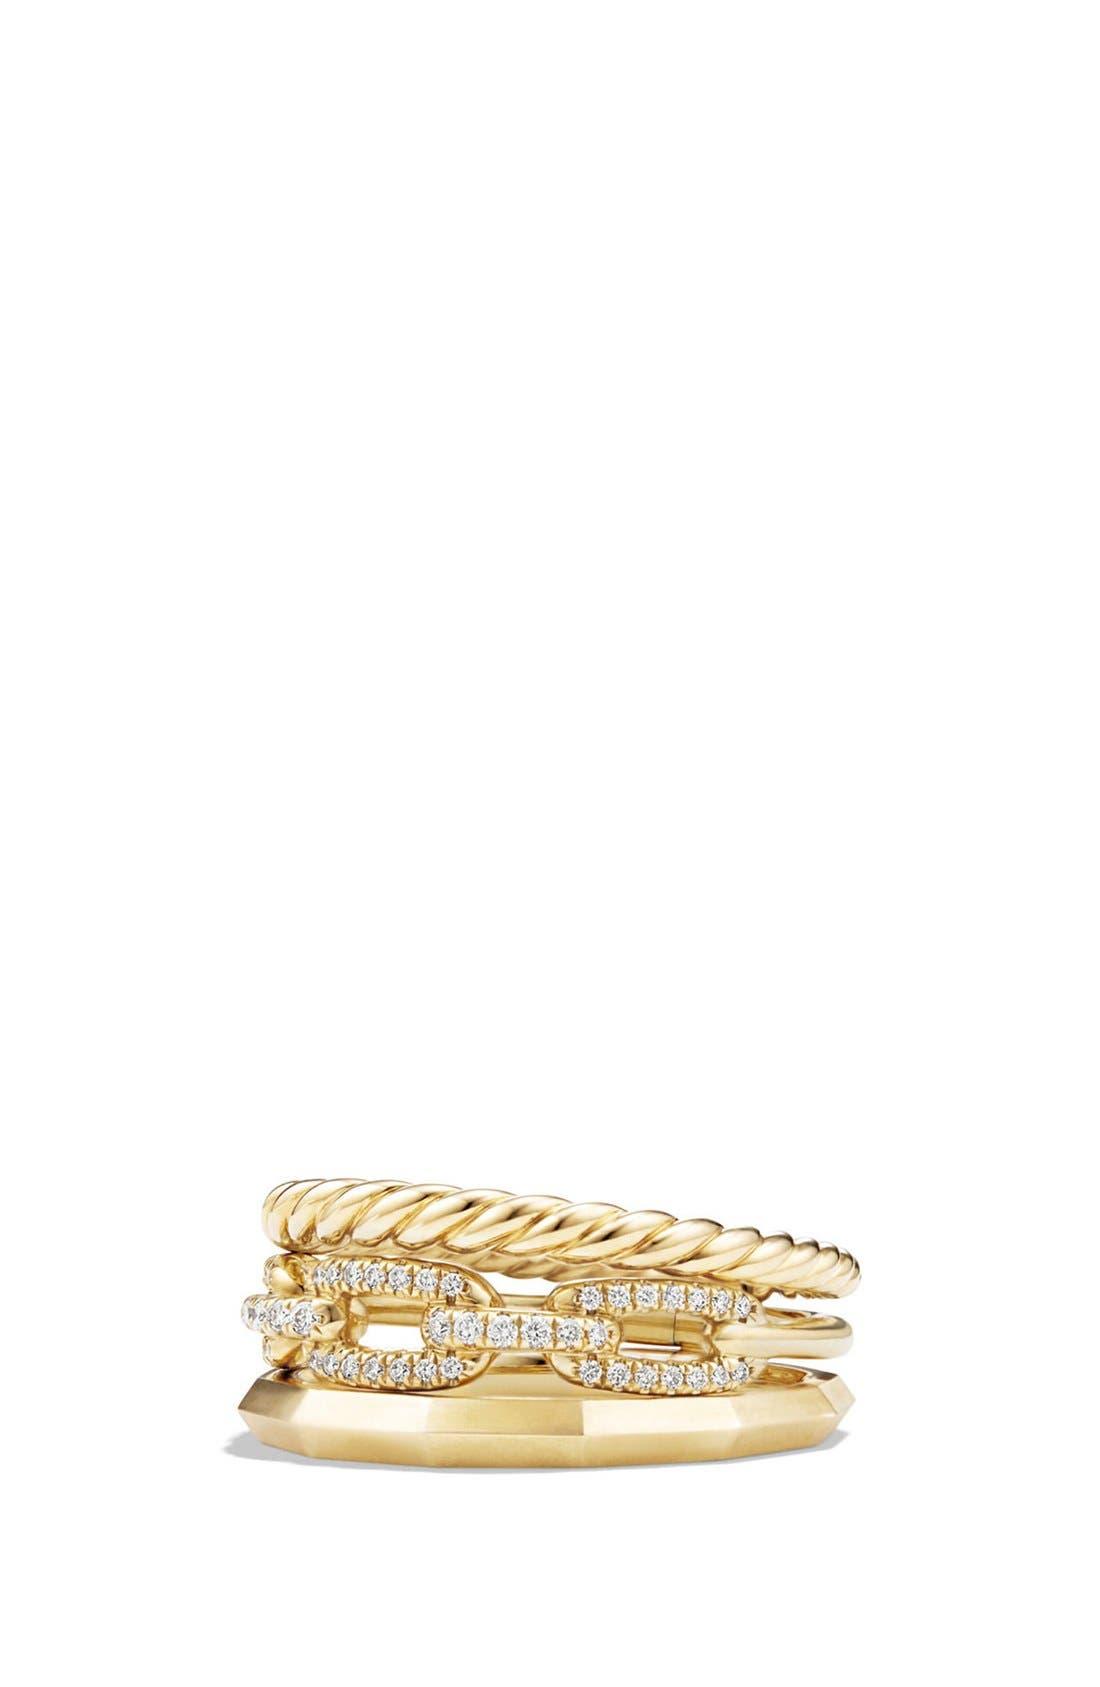 David Yurman 'Stax' Narrow Diamond Ring